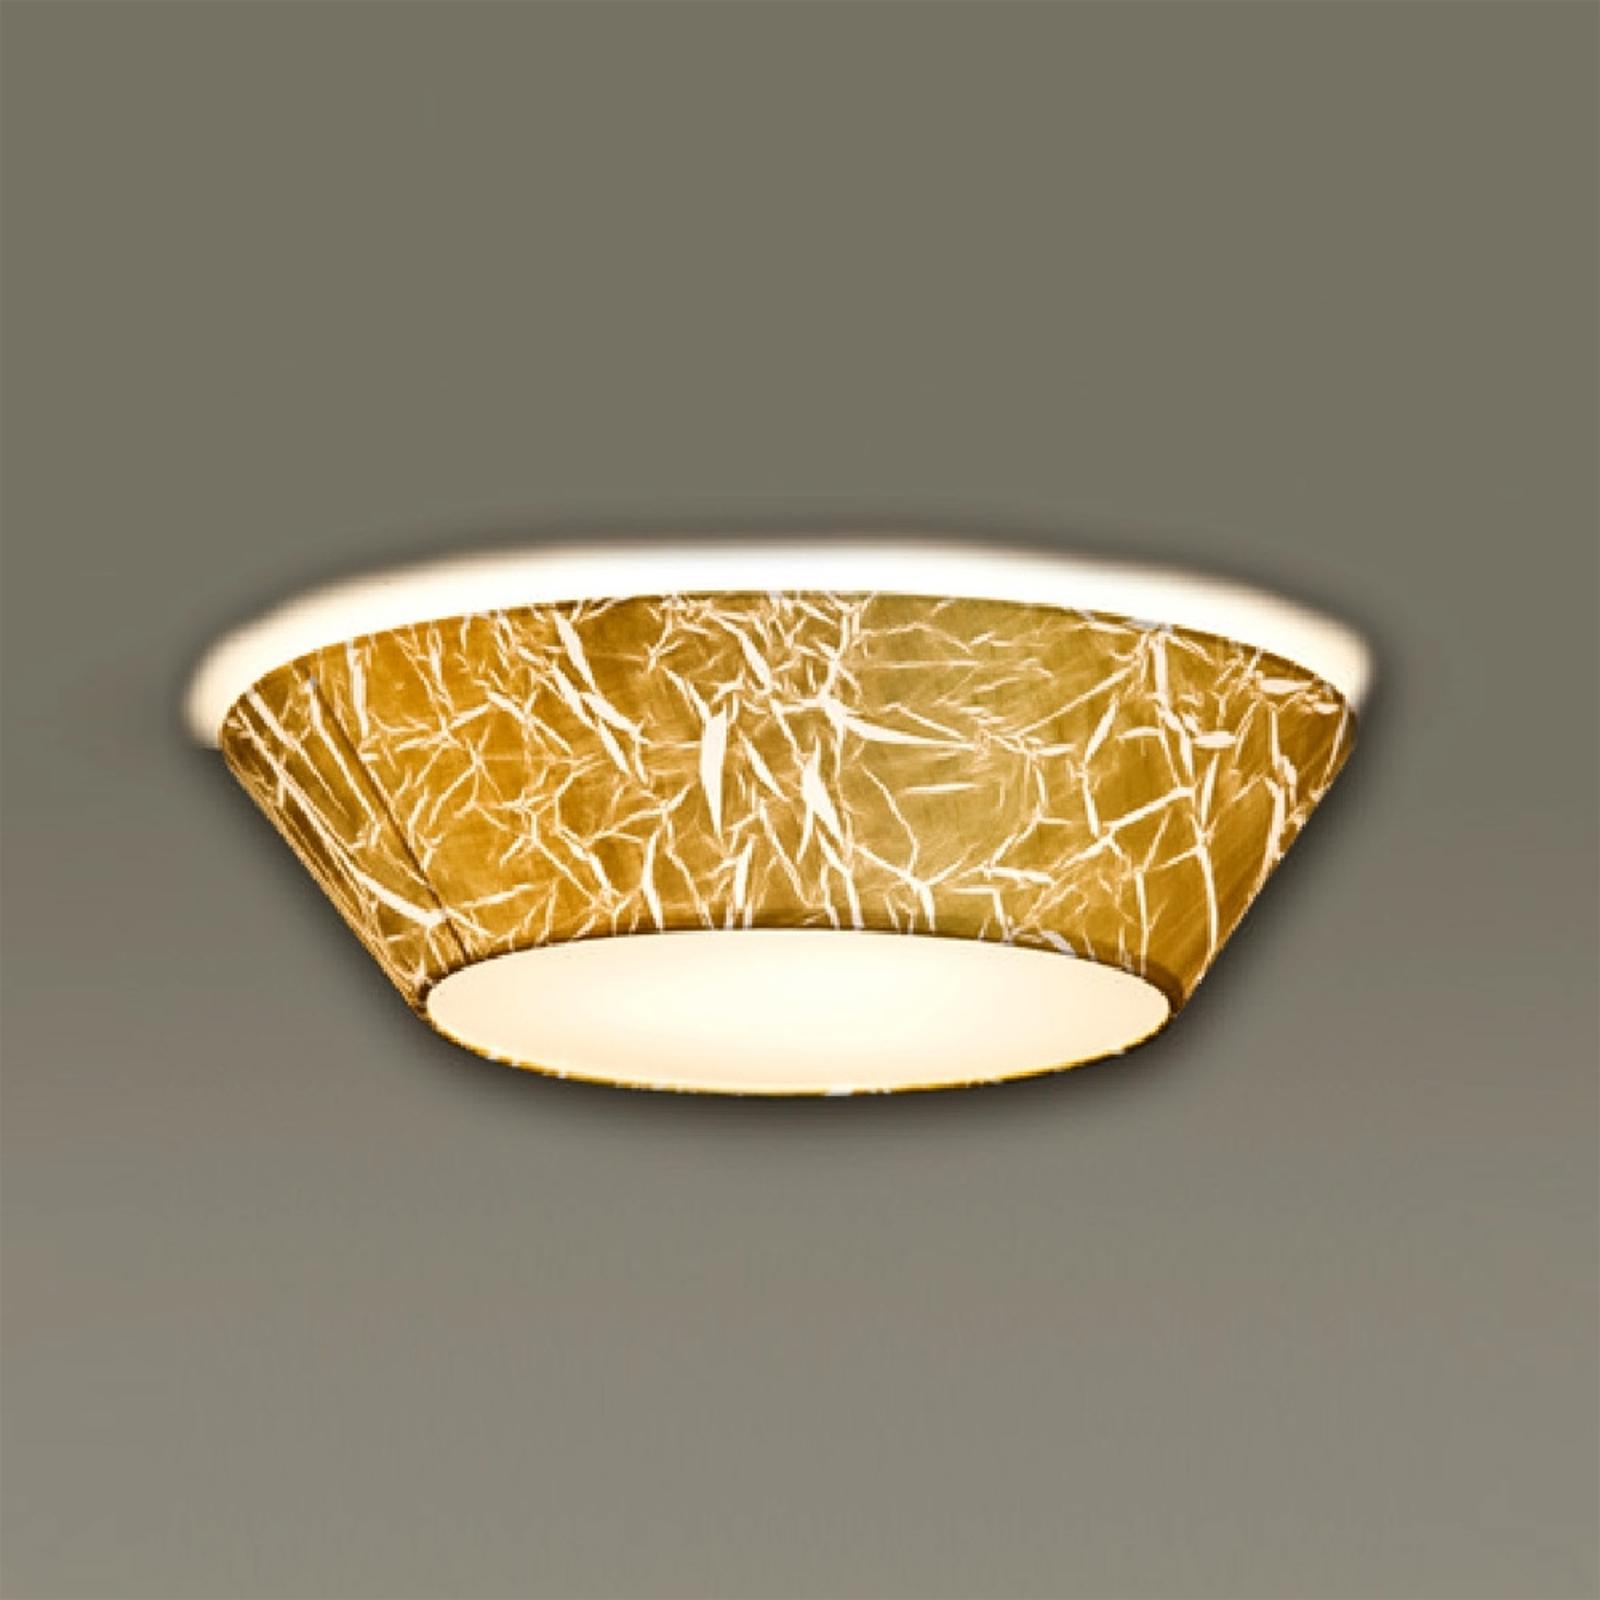 Plafonnier Arius avec feuille d'or 45 cm